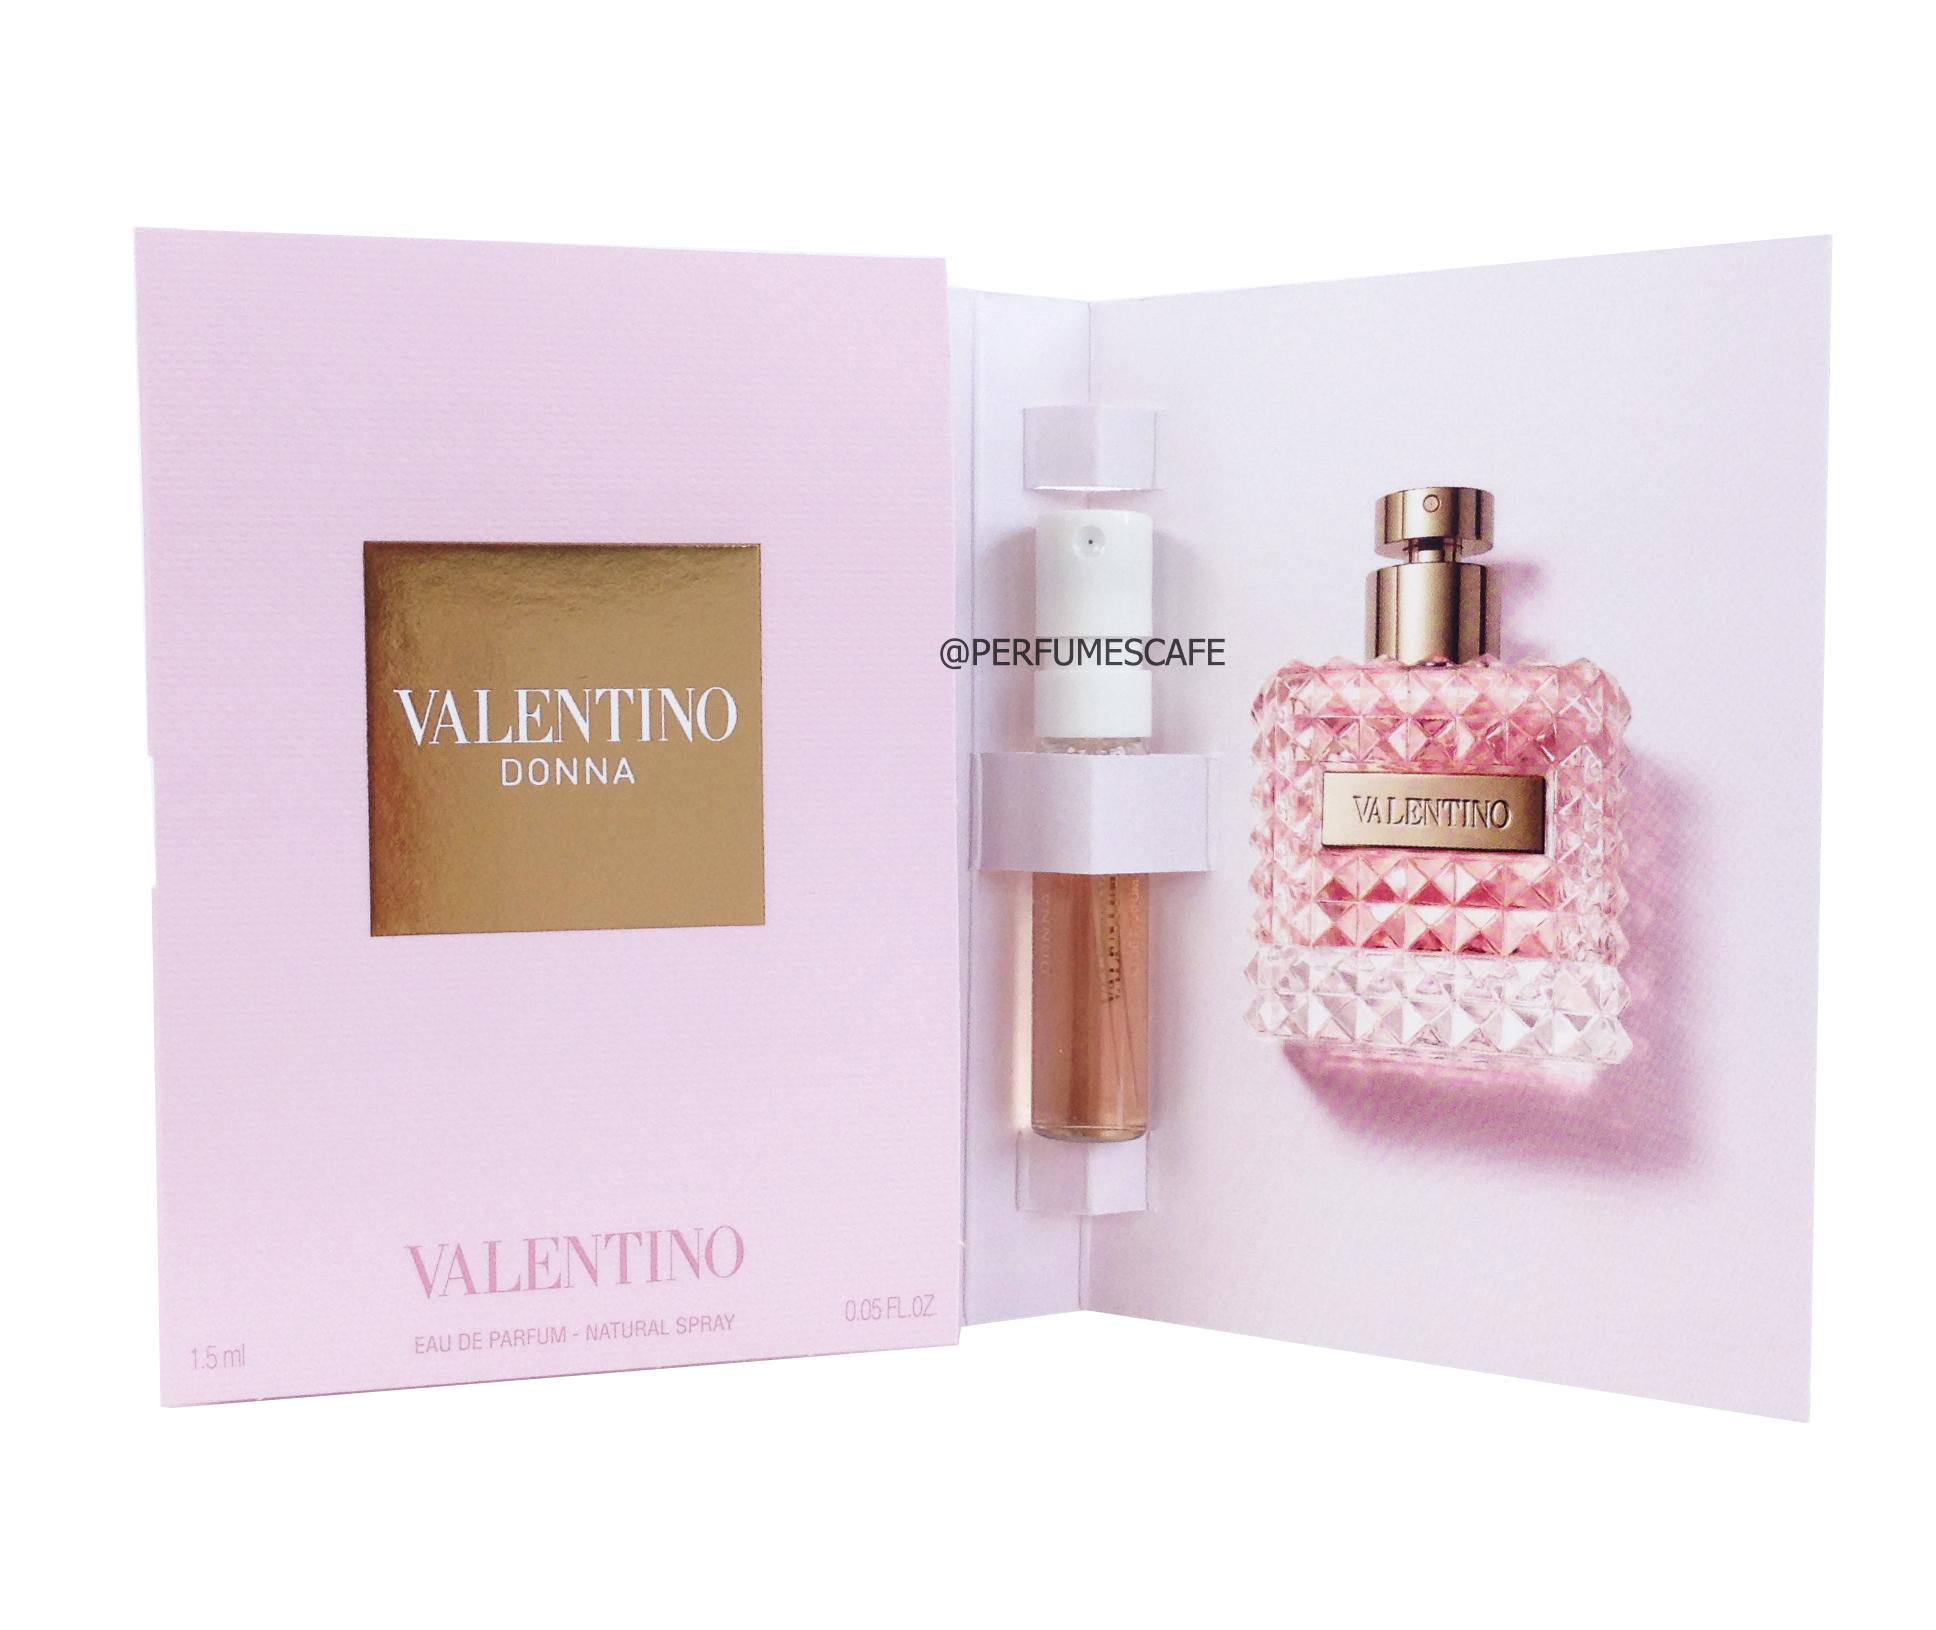 น้ำหอม Valentino Donna EDP for women ขนาดทดลอง 1.5ml